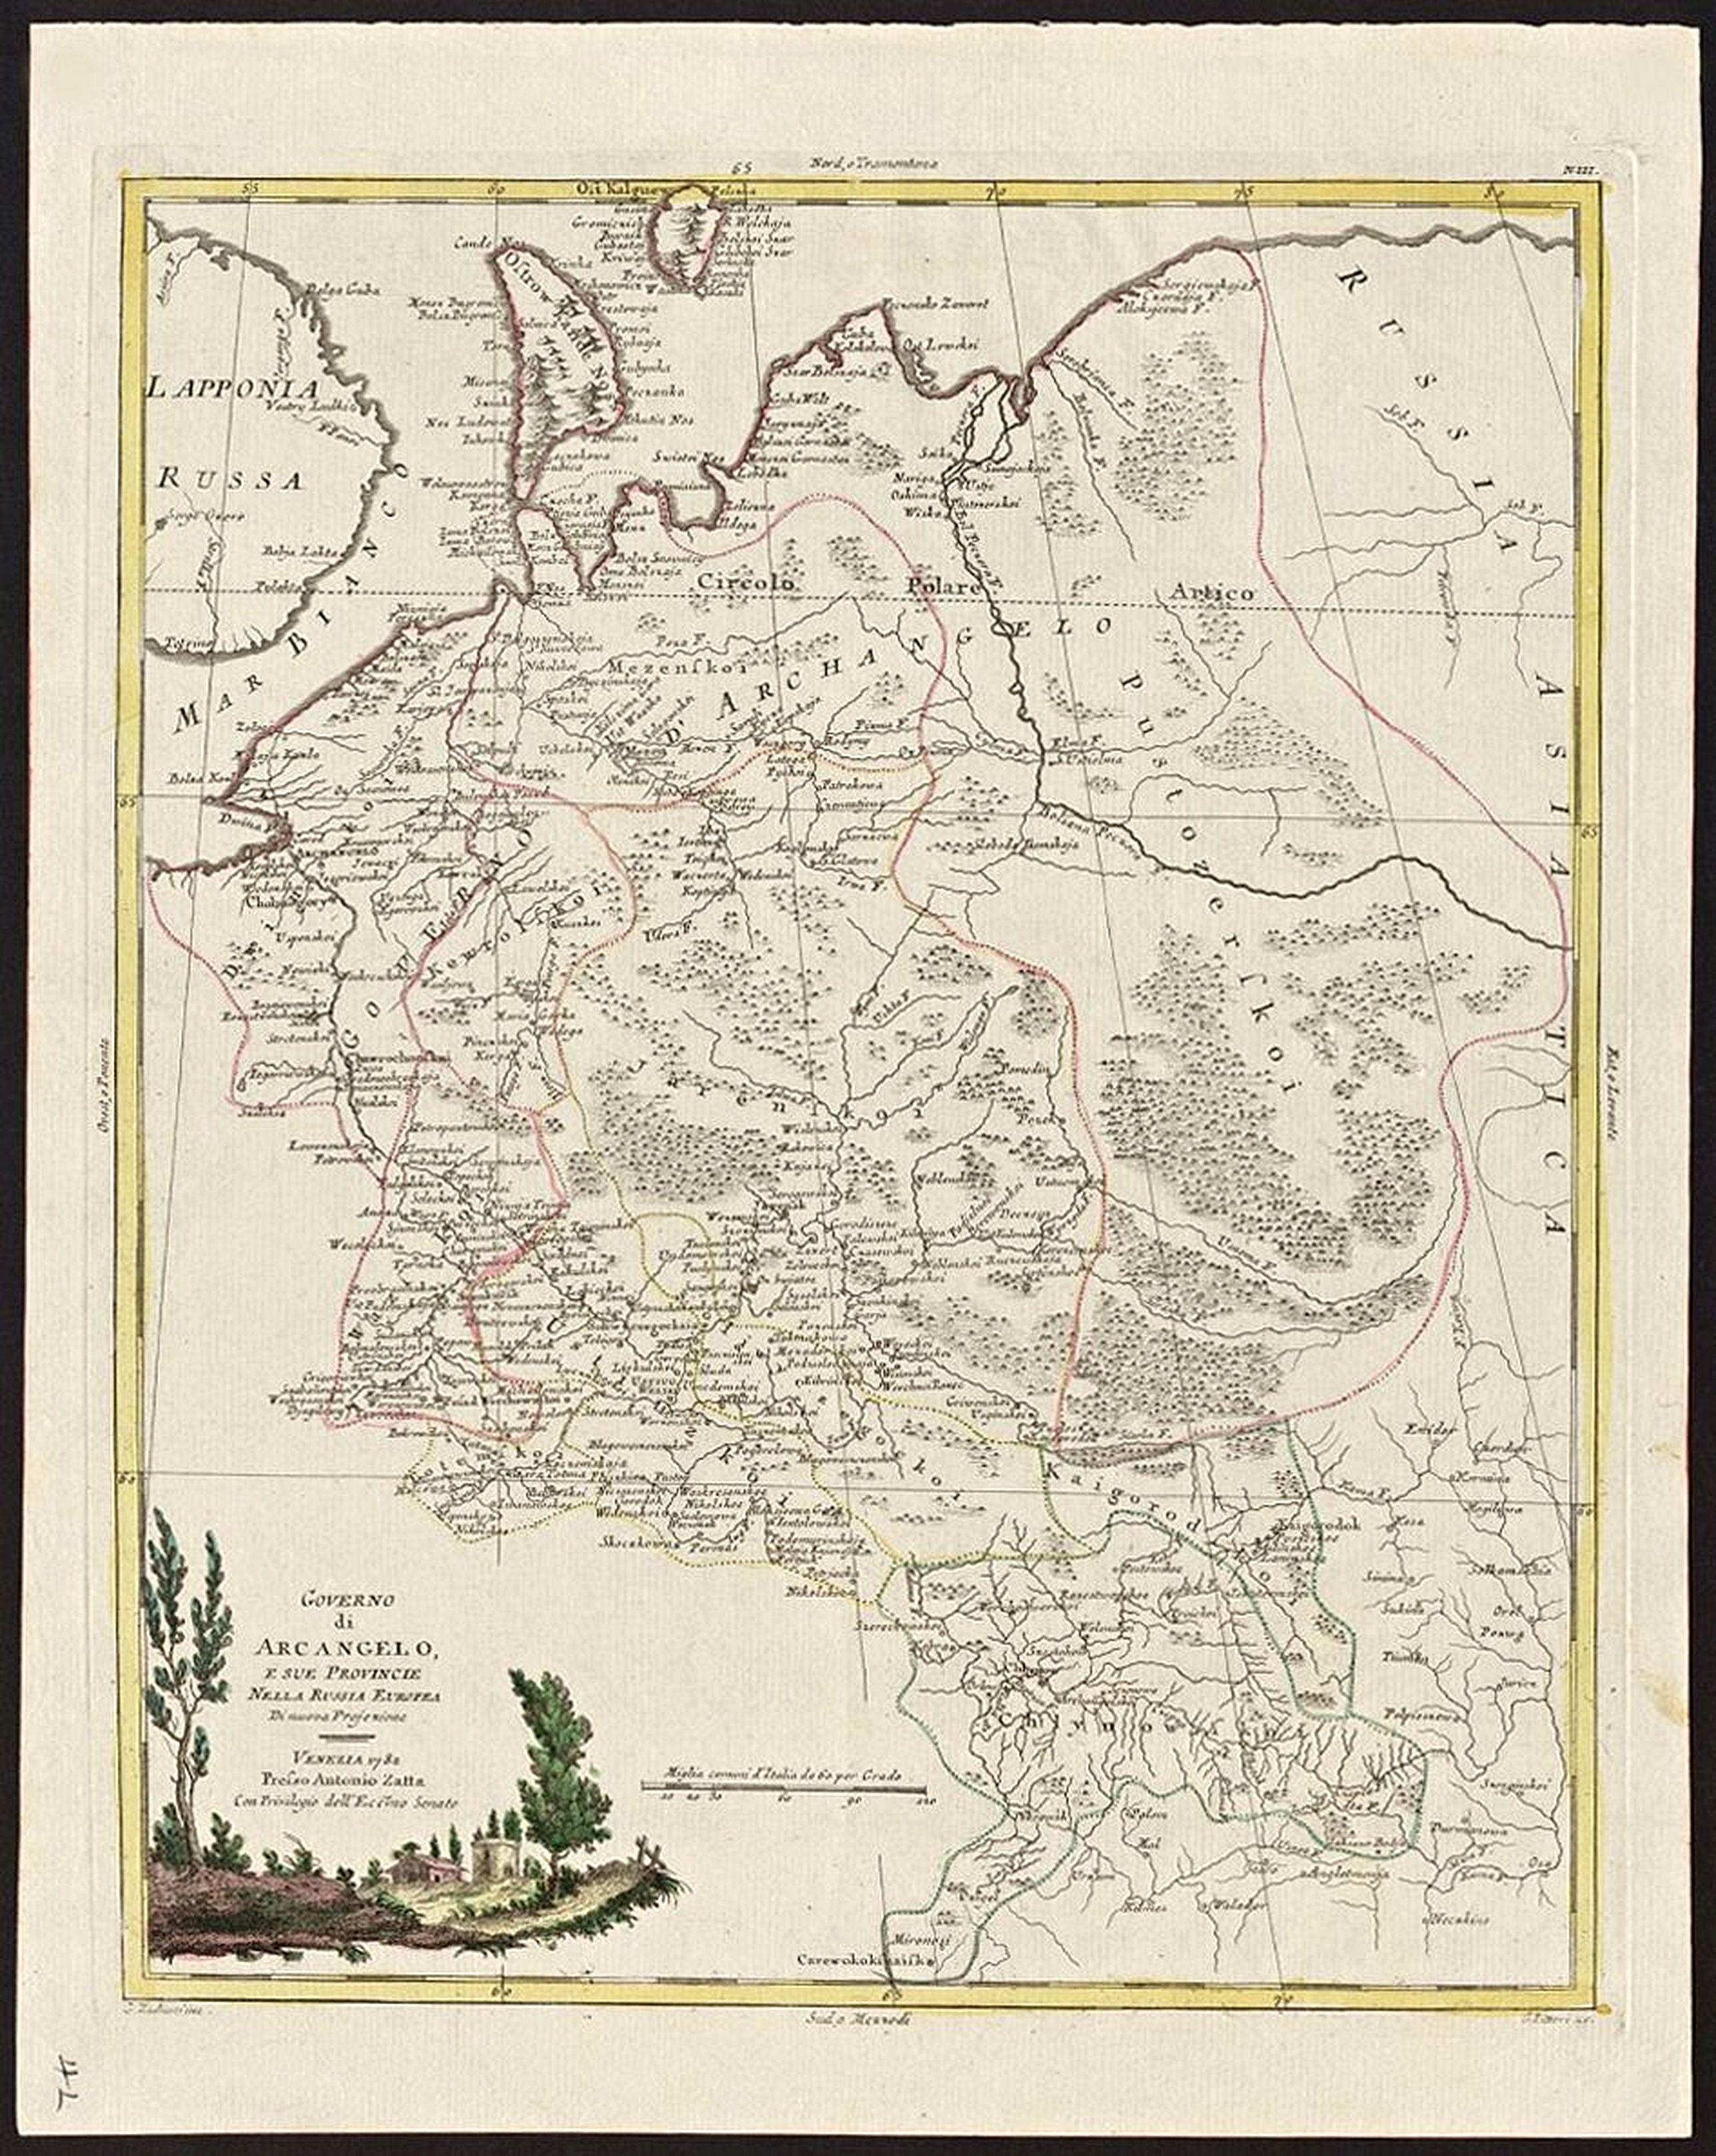 ZATTA, Antonio - Governo di Arcangelo, e sue Provincie Nella Russia Europea.